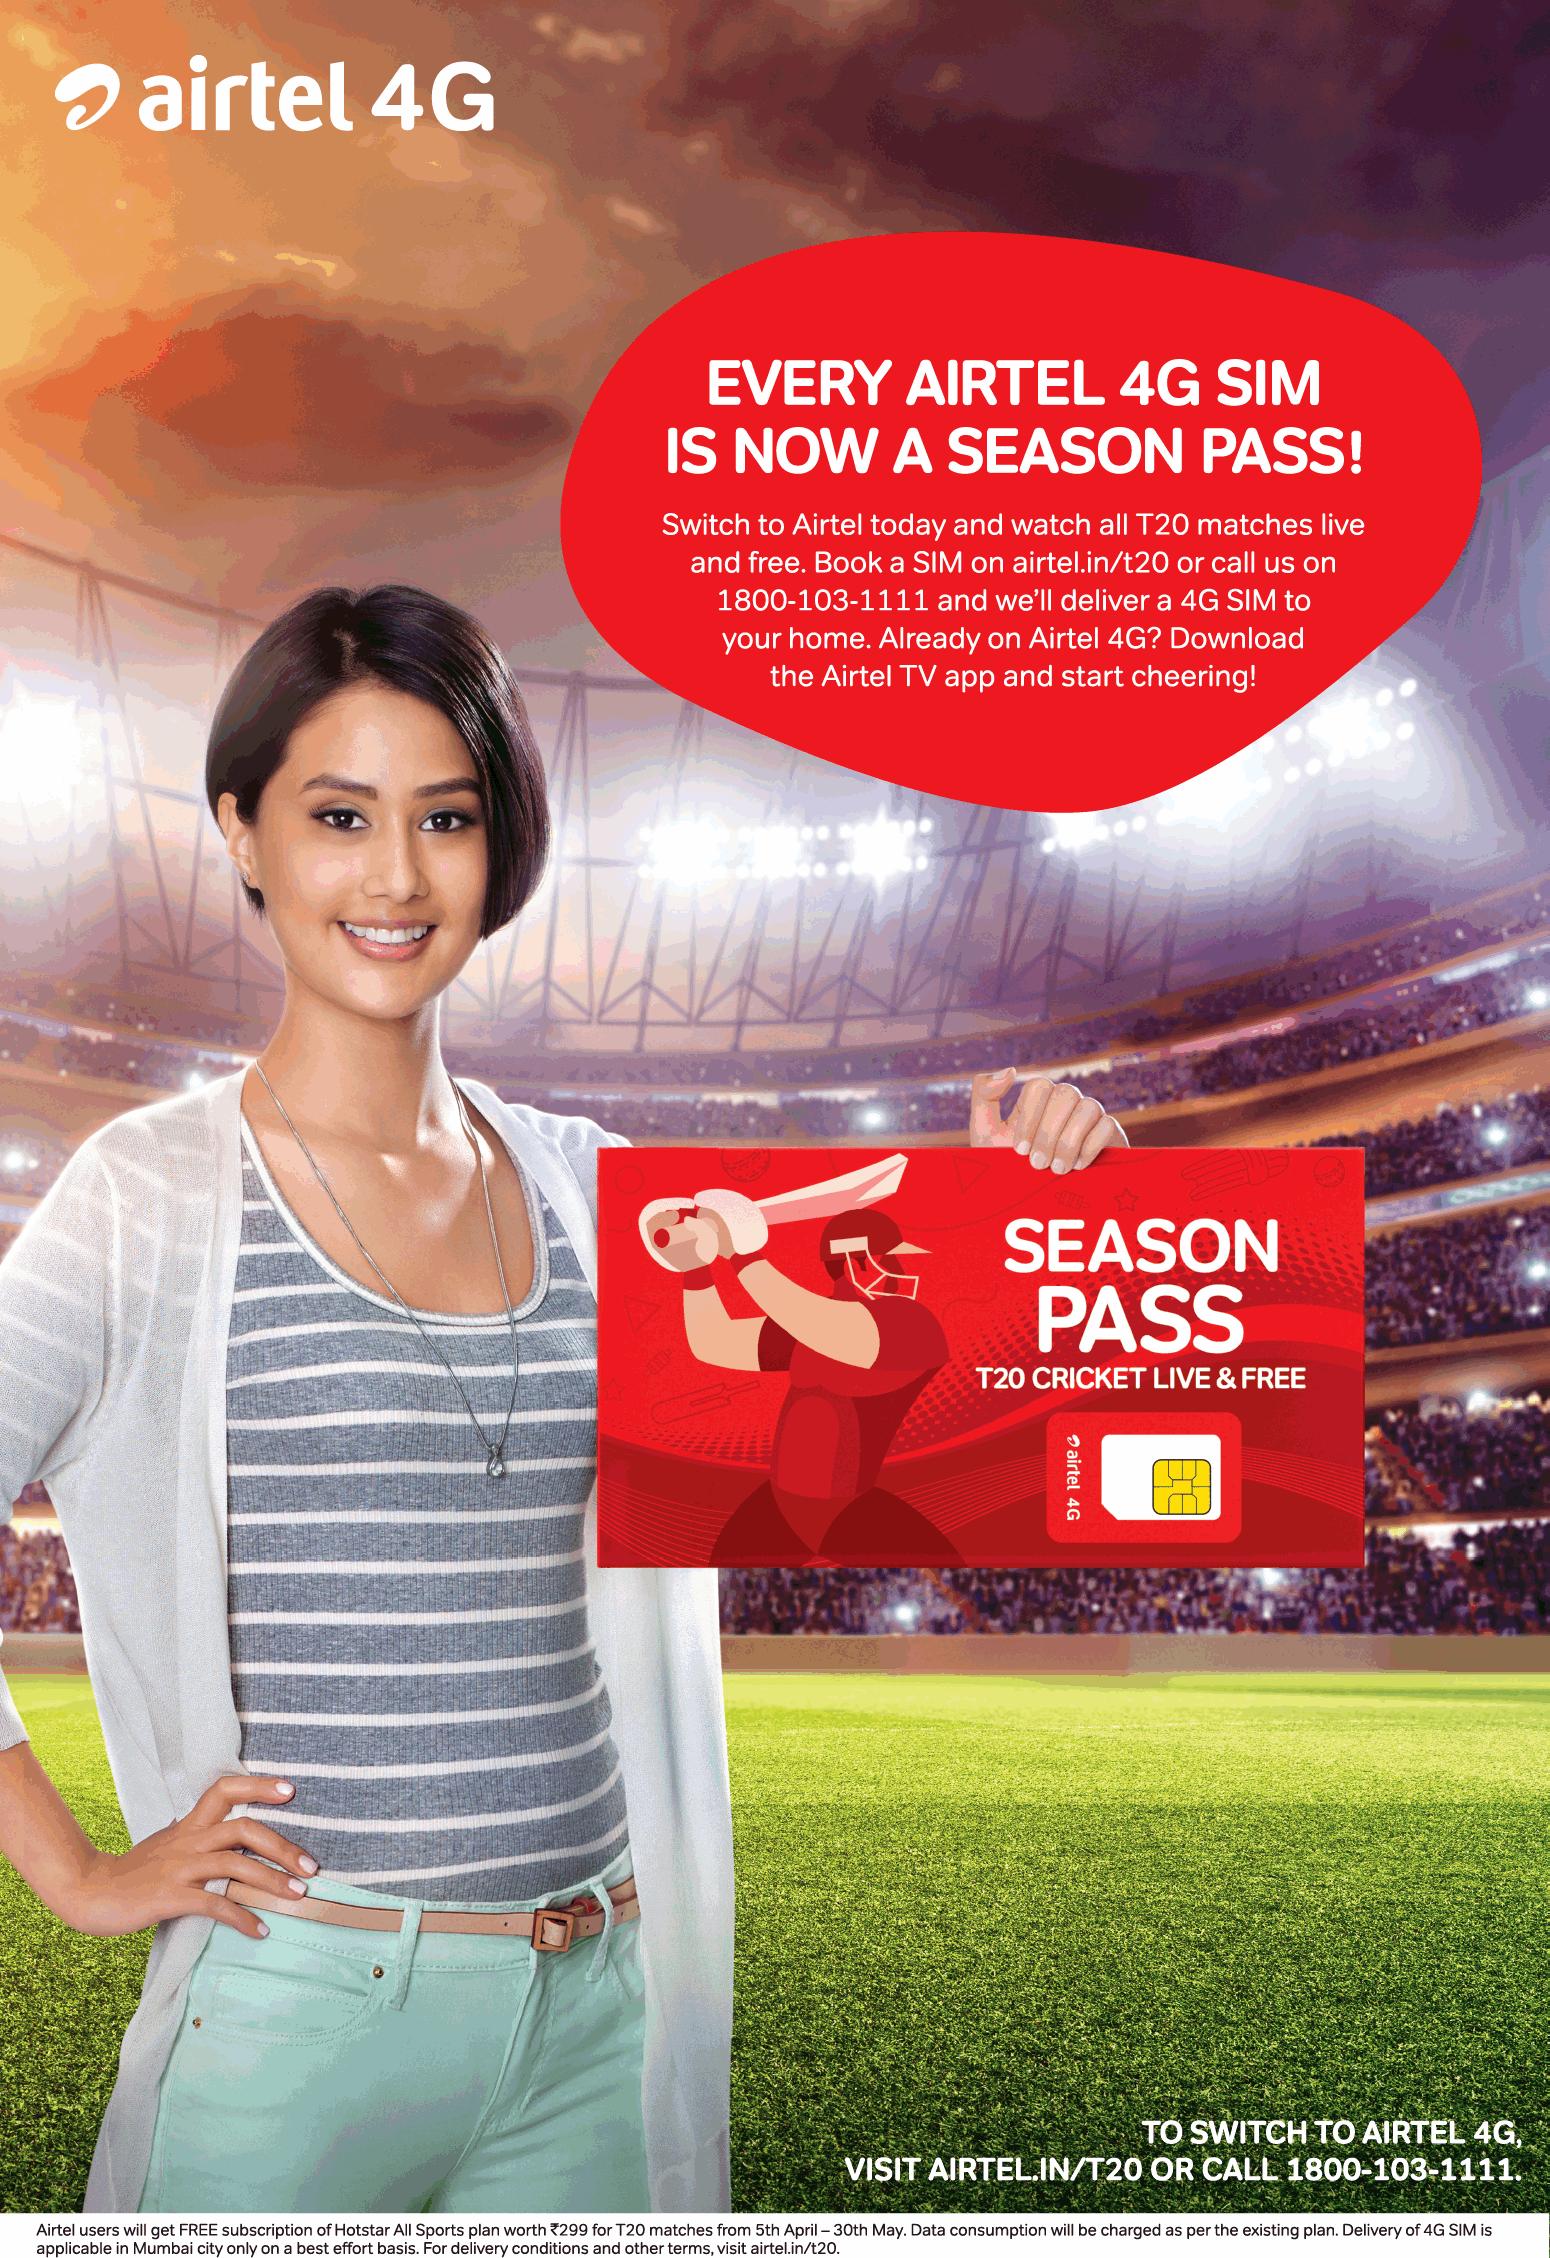 Airtel 4G Every Airtel 4G Sim Is Now A Season Pass Ad